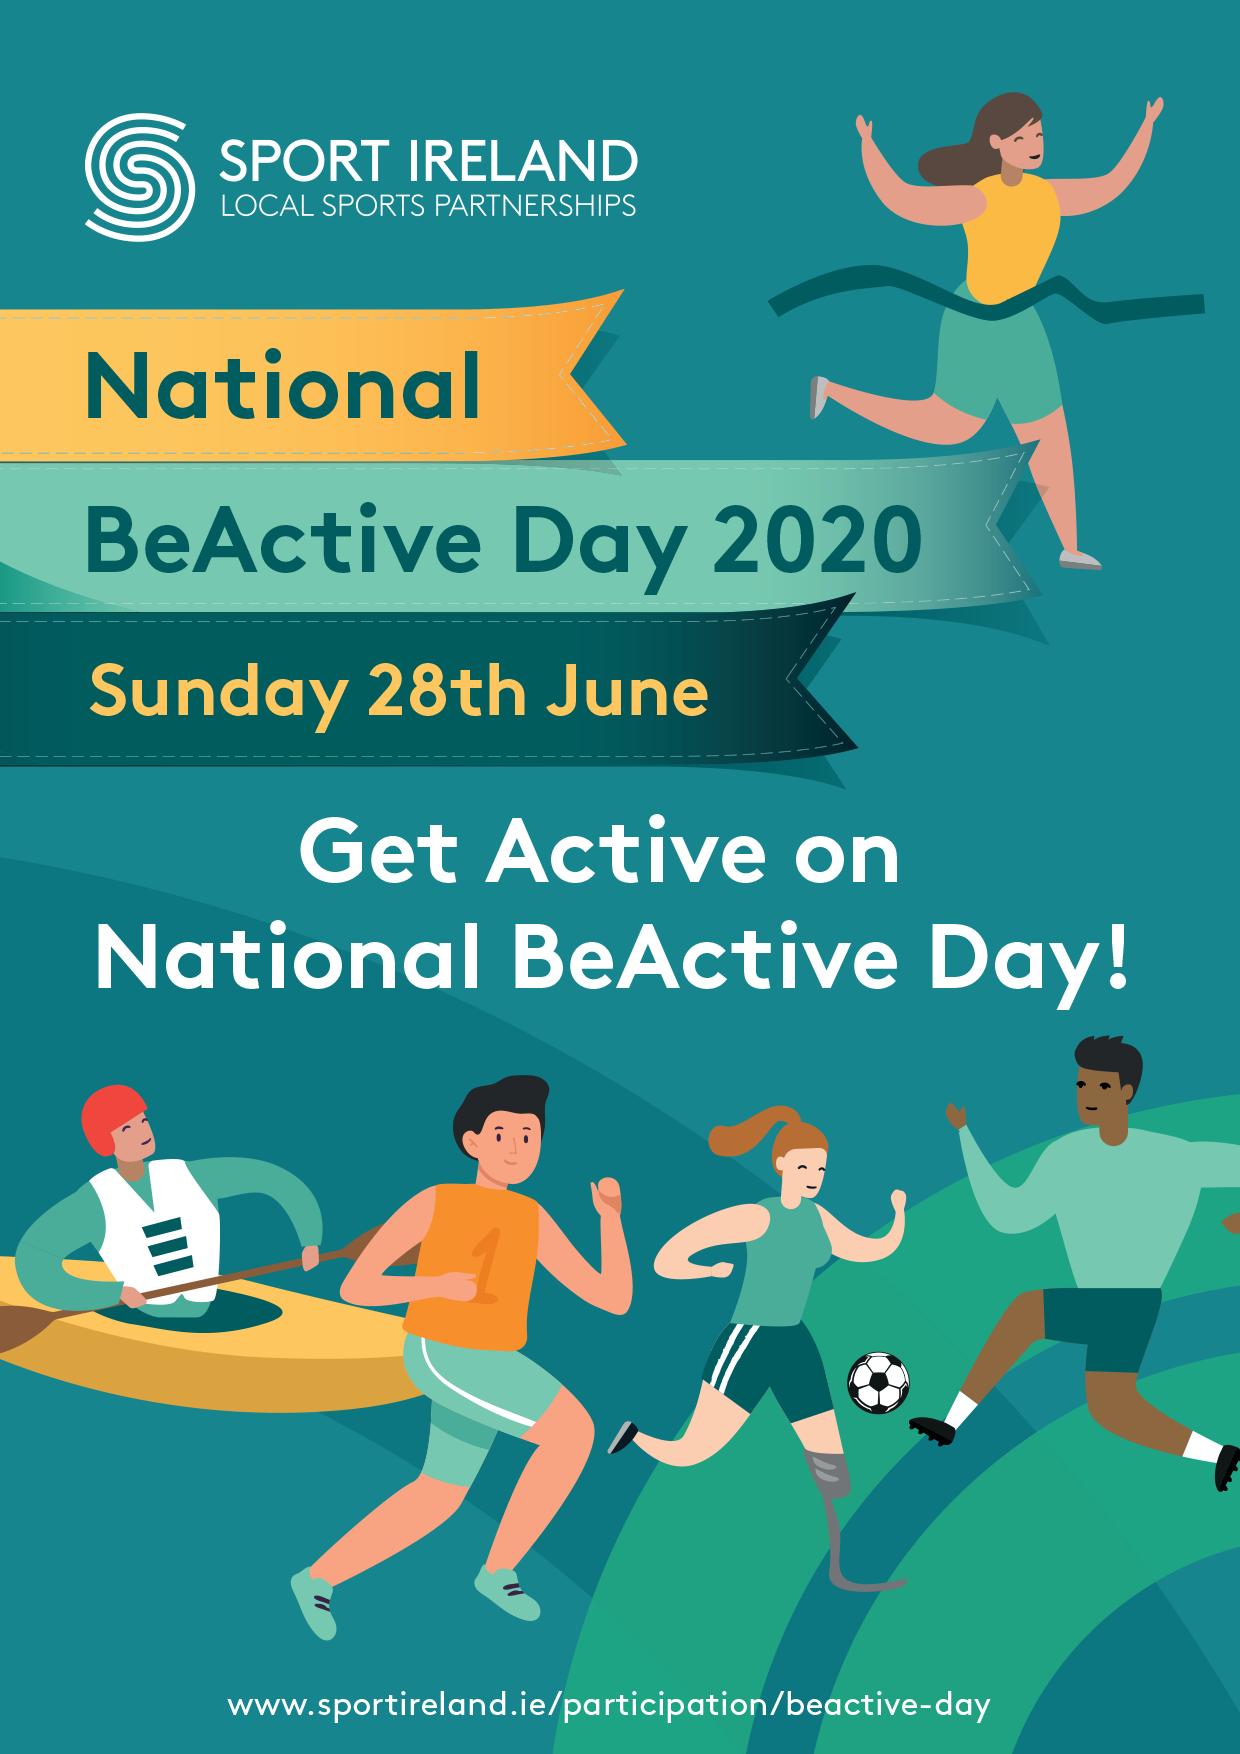 BeActive Day 2020